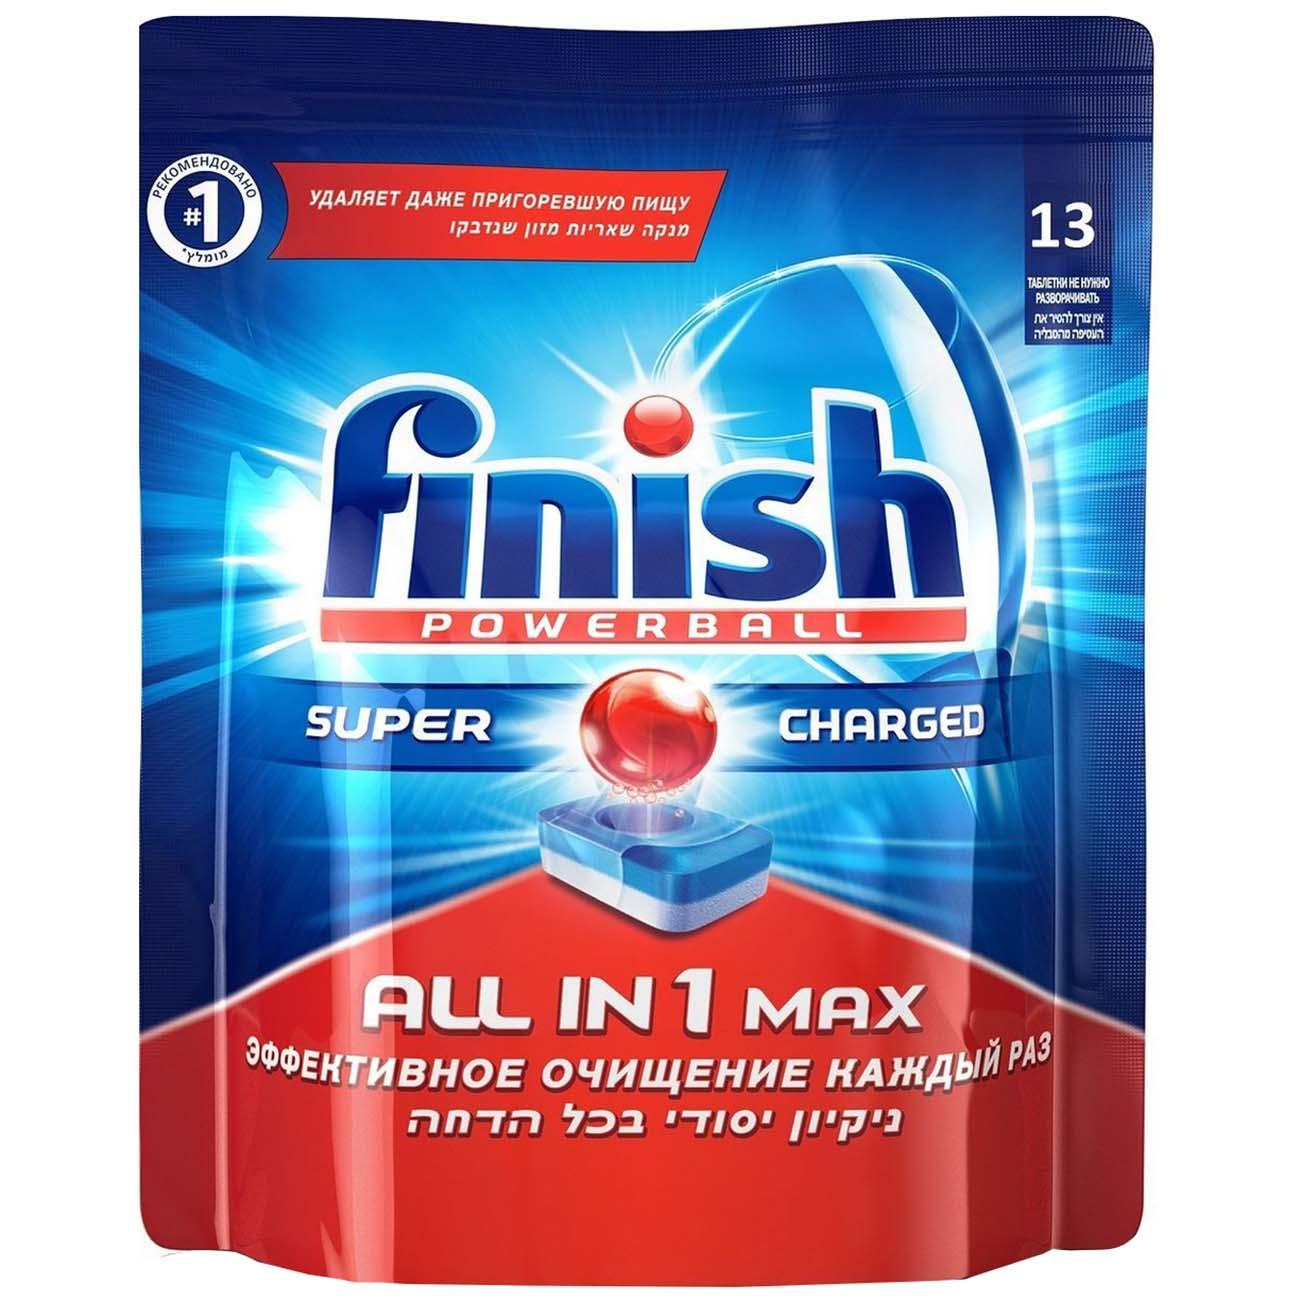 Моющее средство для посудомоечной машины Finish All in 1 Max 13табл.